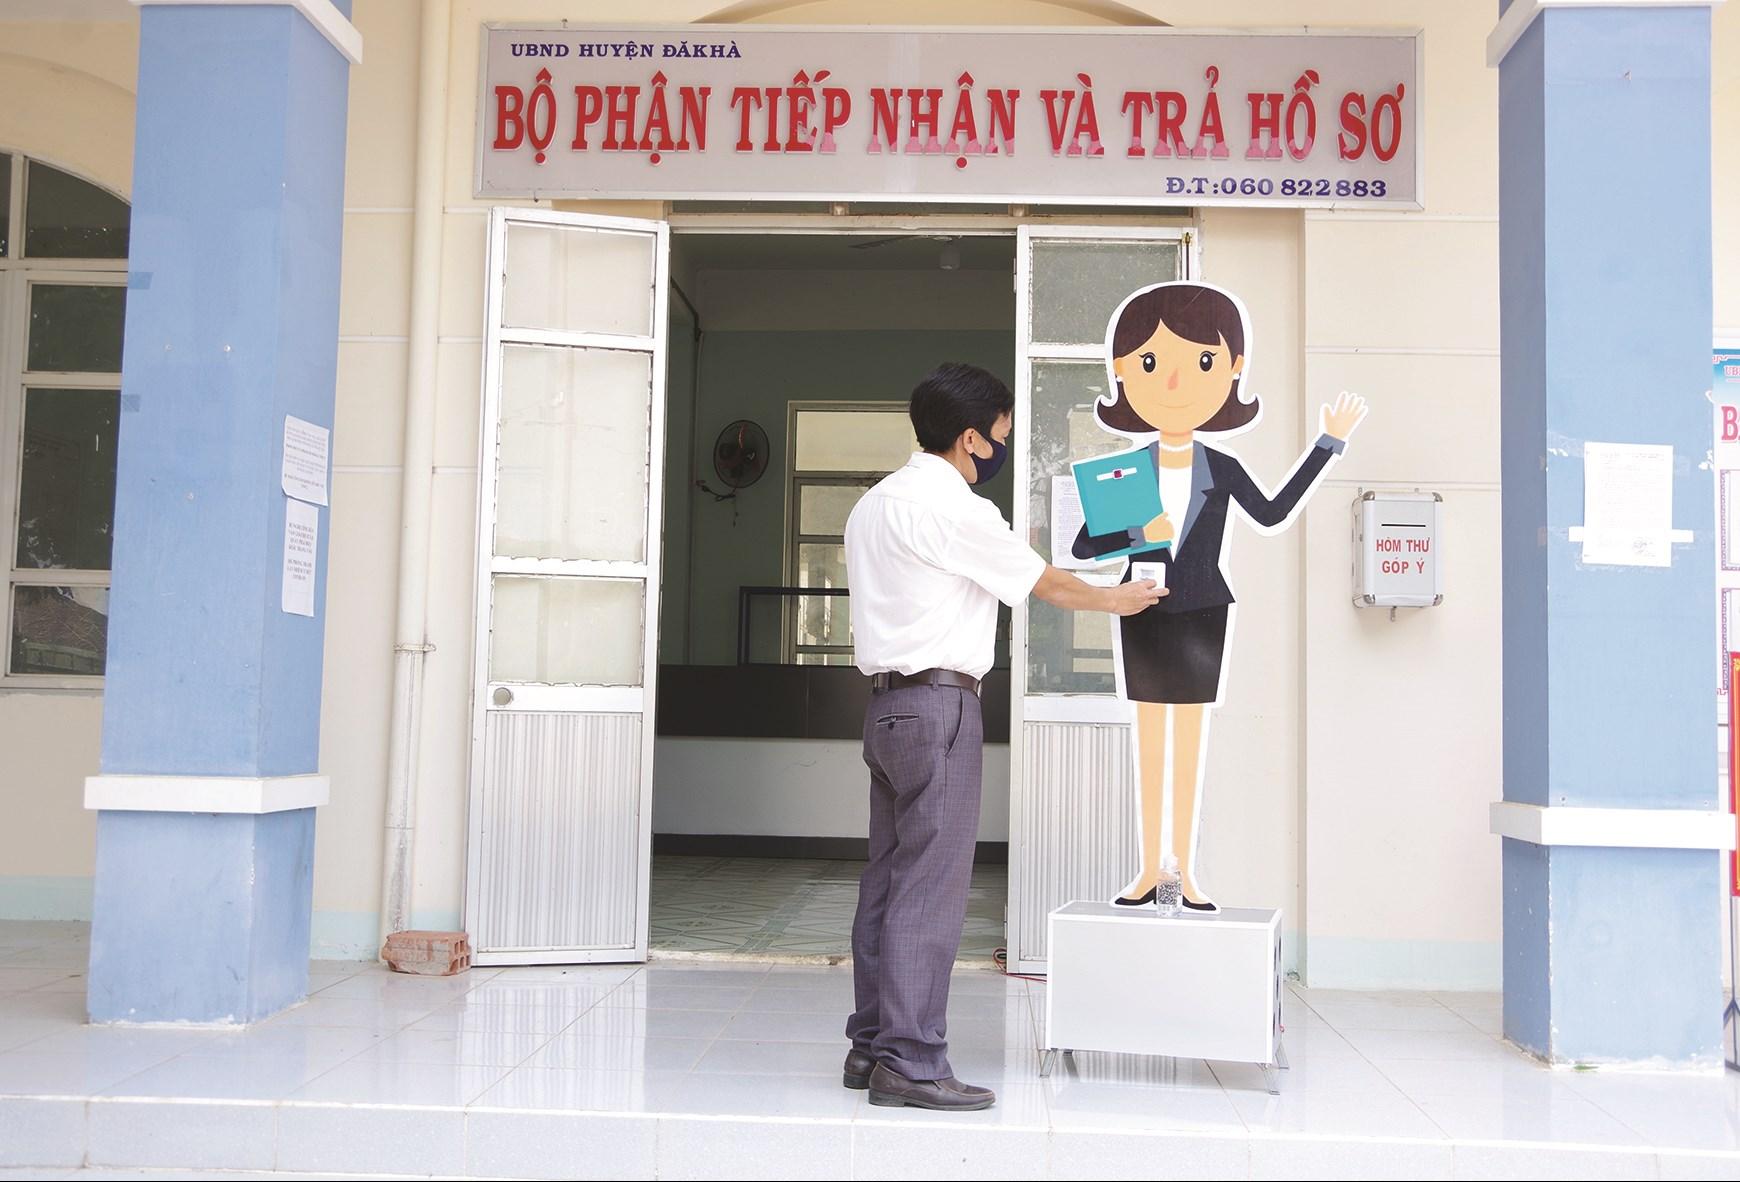 """""""Mô hình nhân viên nhắc nhở"""" được đặt tại bộ phận 1 cửa của UBND huyện Đăk Hà."""